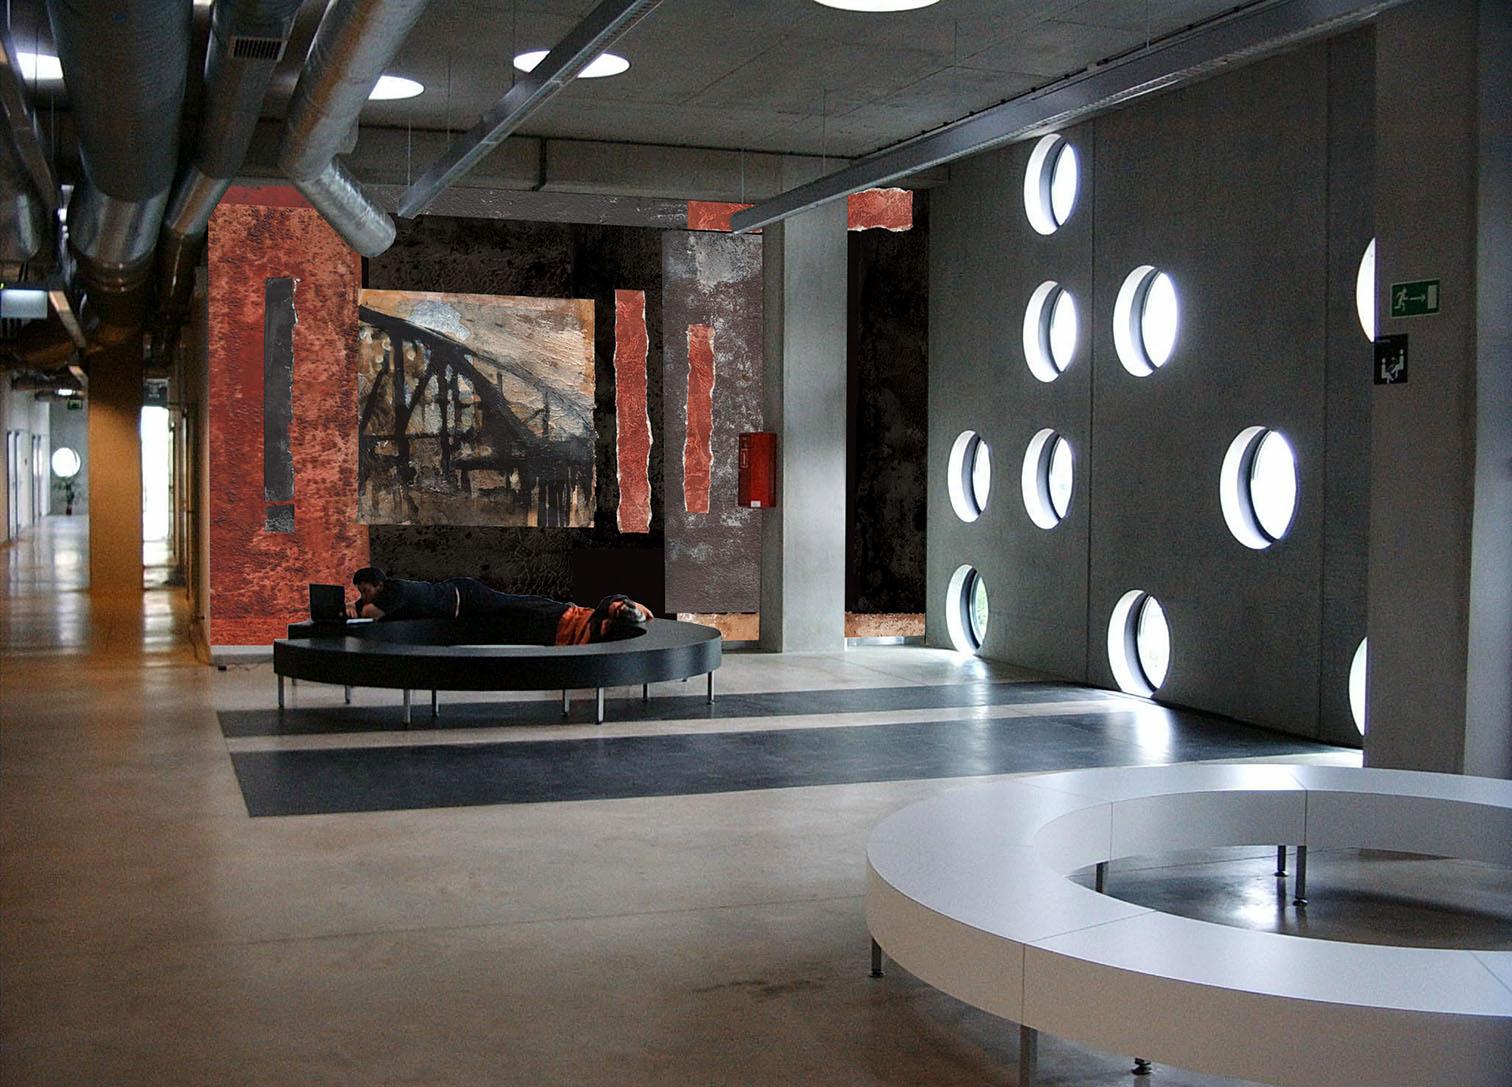 Wizualizacja projektu malarstwa ściennego we wnętrzach Zintegrowanego Centrum Studenckiego Politechniki Wrocławskiej, Wrocław 2007/200